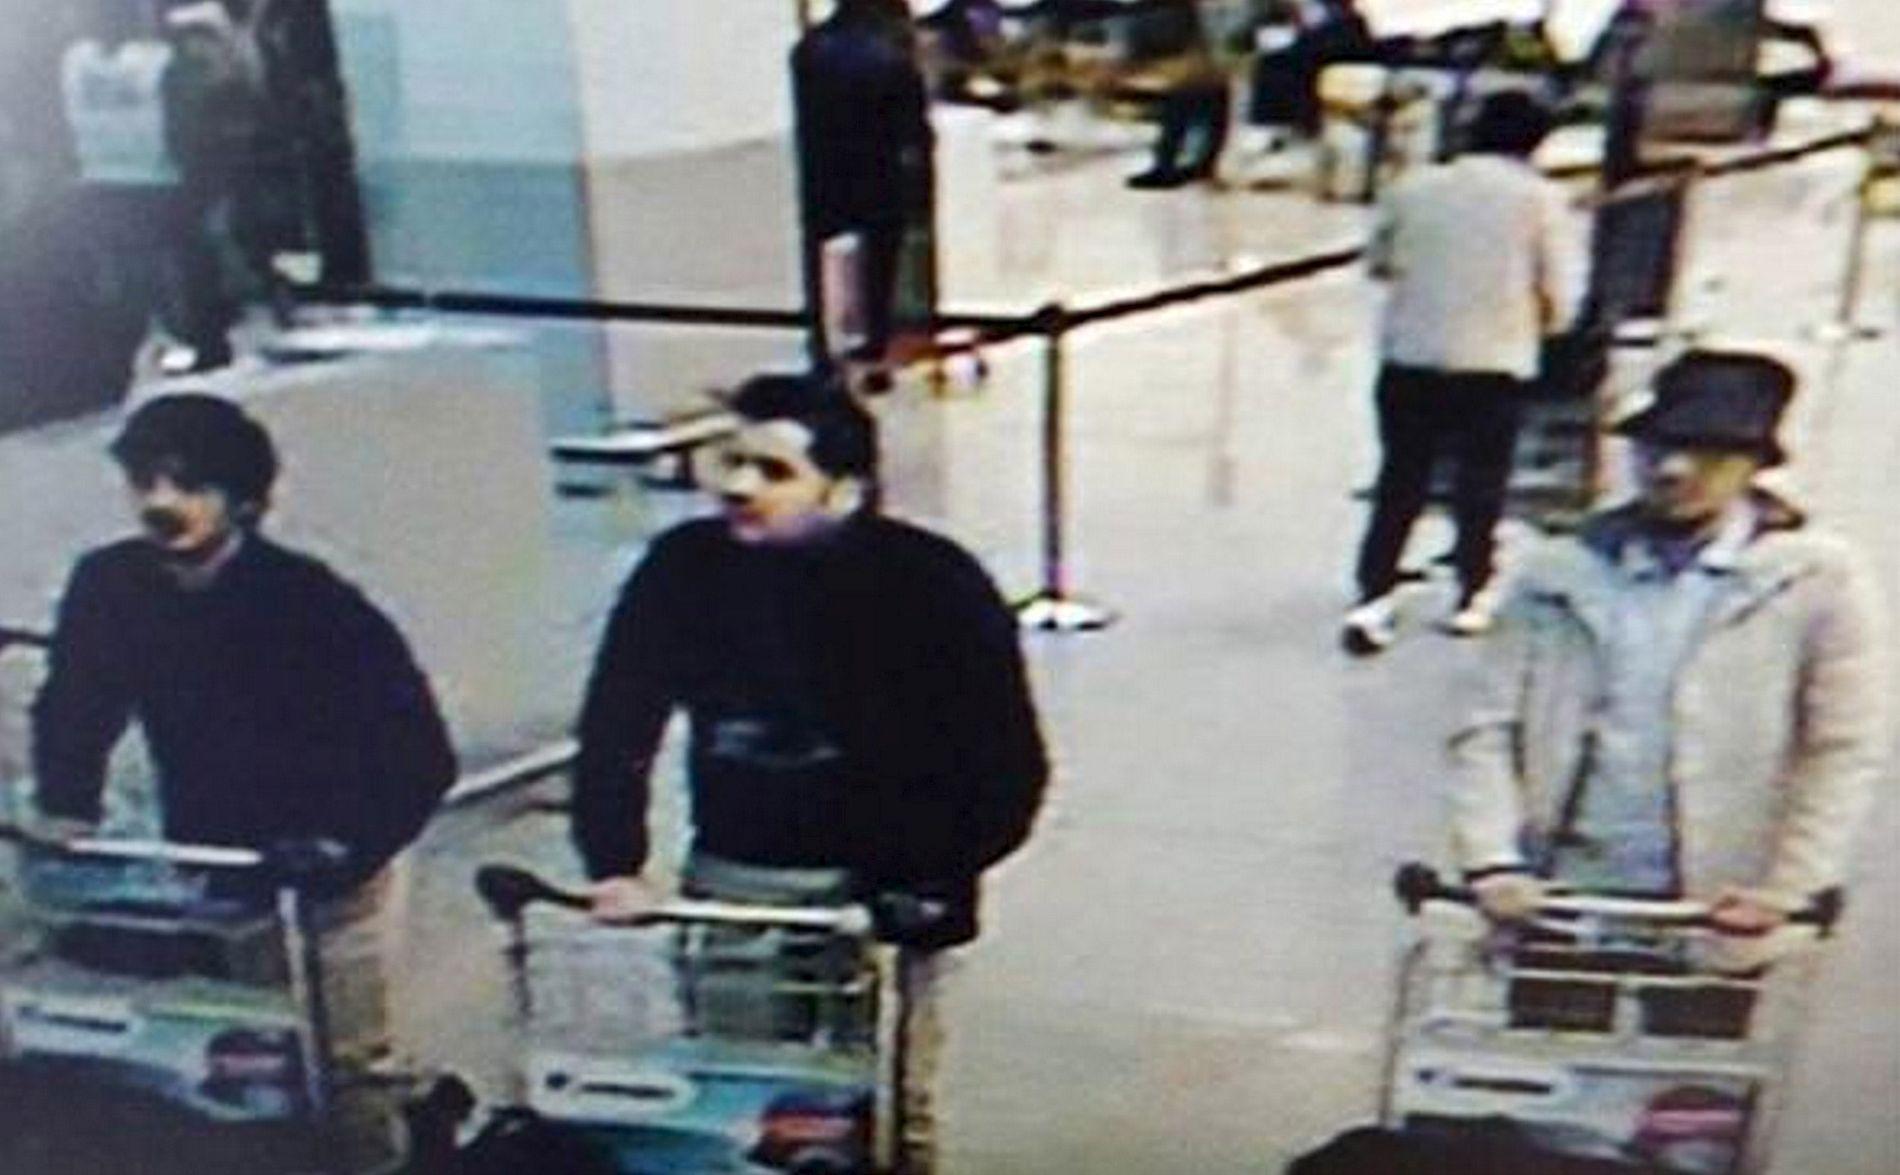 POLITIJAKT: Mannen til venstre skal være Najim Laachraoui og mannen i midten er Ibrahim El Bakraoui. Den tredje, mannen med bøttehatten er fortsatt på frifot.